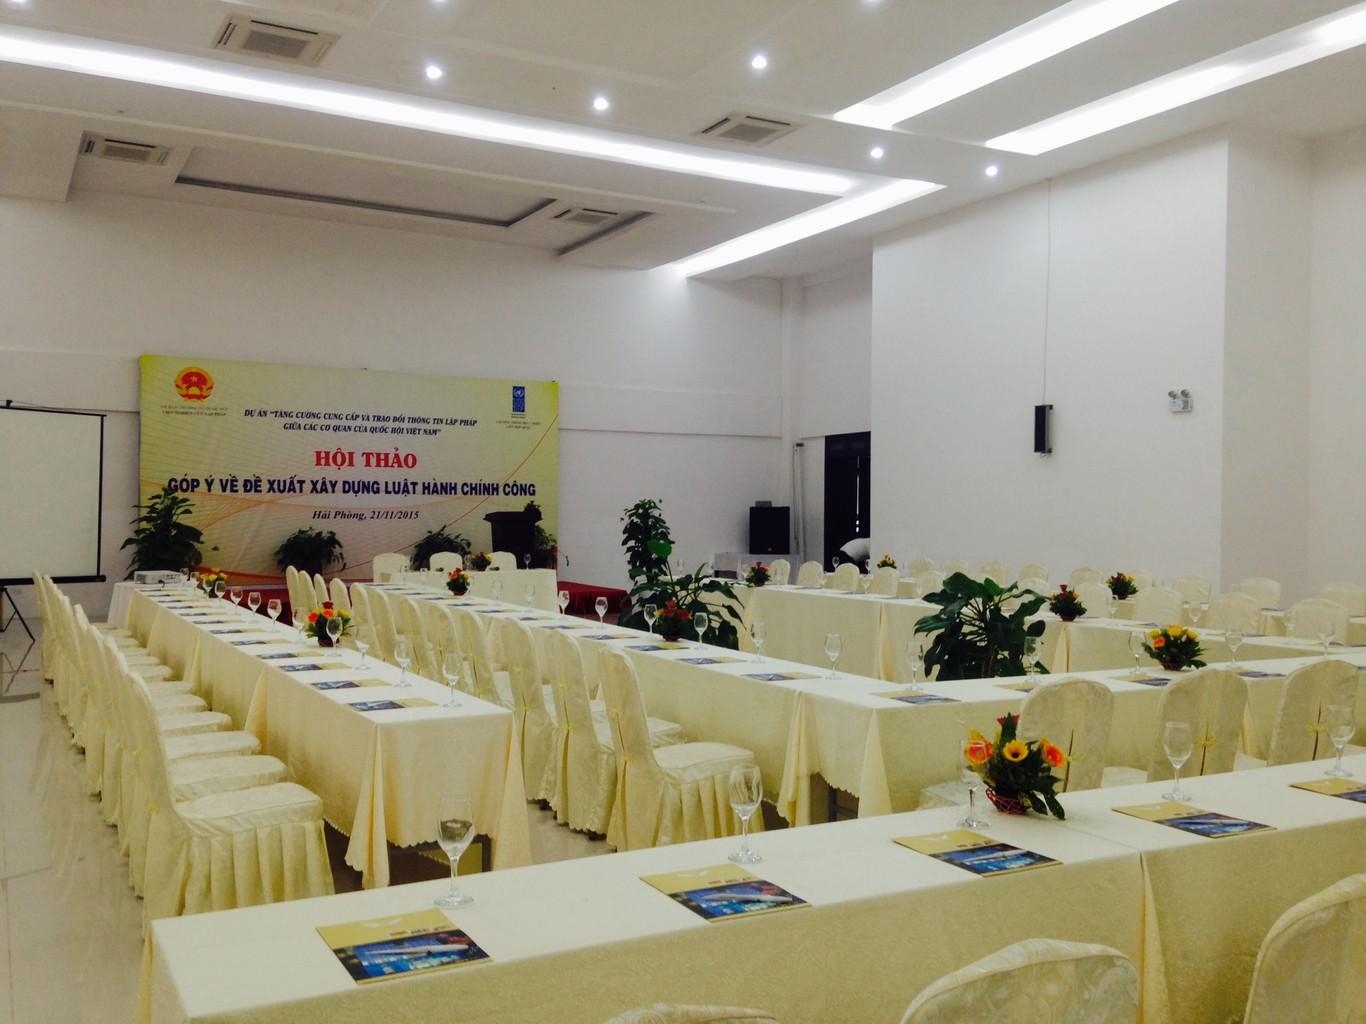 Tổ chức hội thảo tại Khách sạn Thăng Long Draco